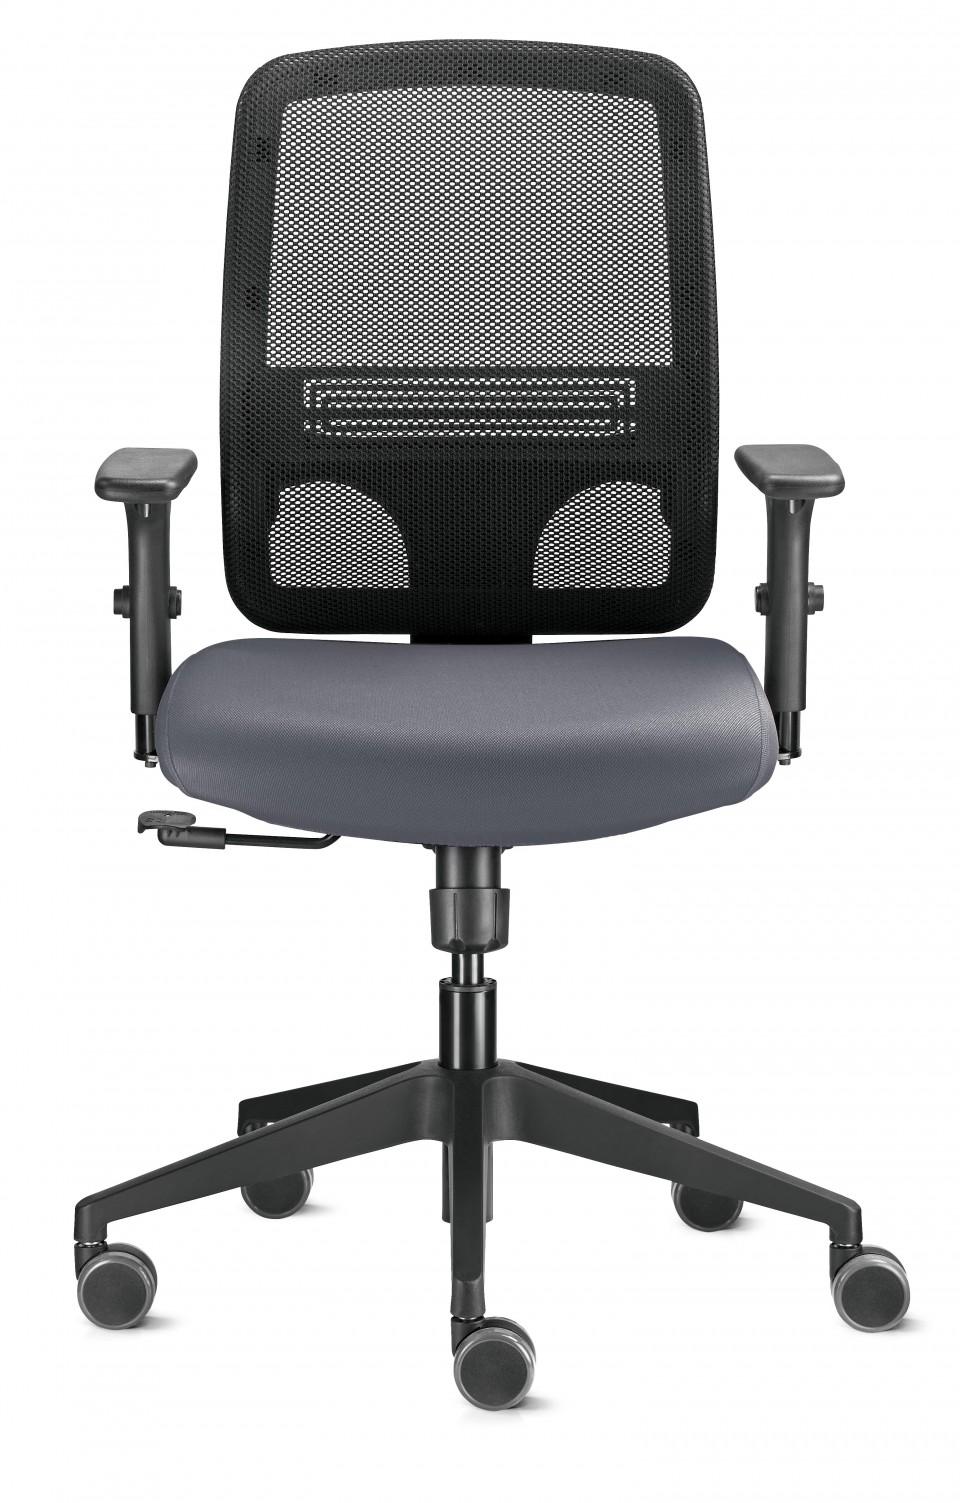 Fauteuil de bureau ergonomique synchro achat si ges de - Housse pour fauteuil bureau ...